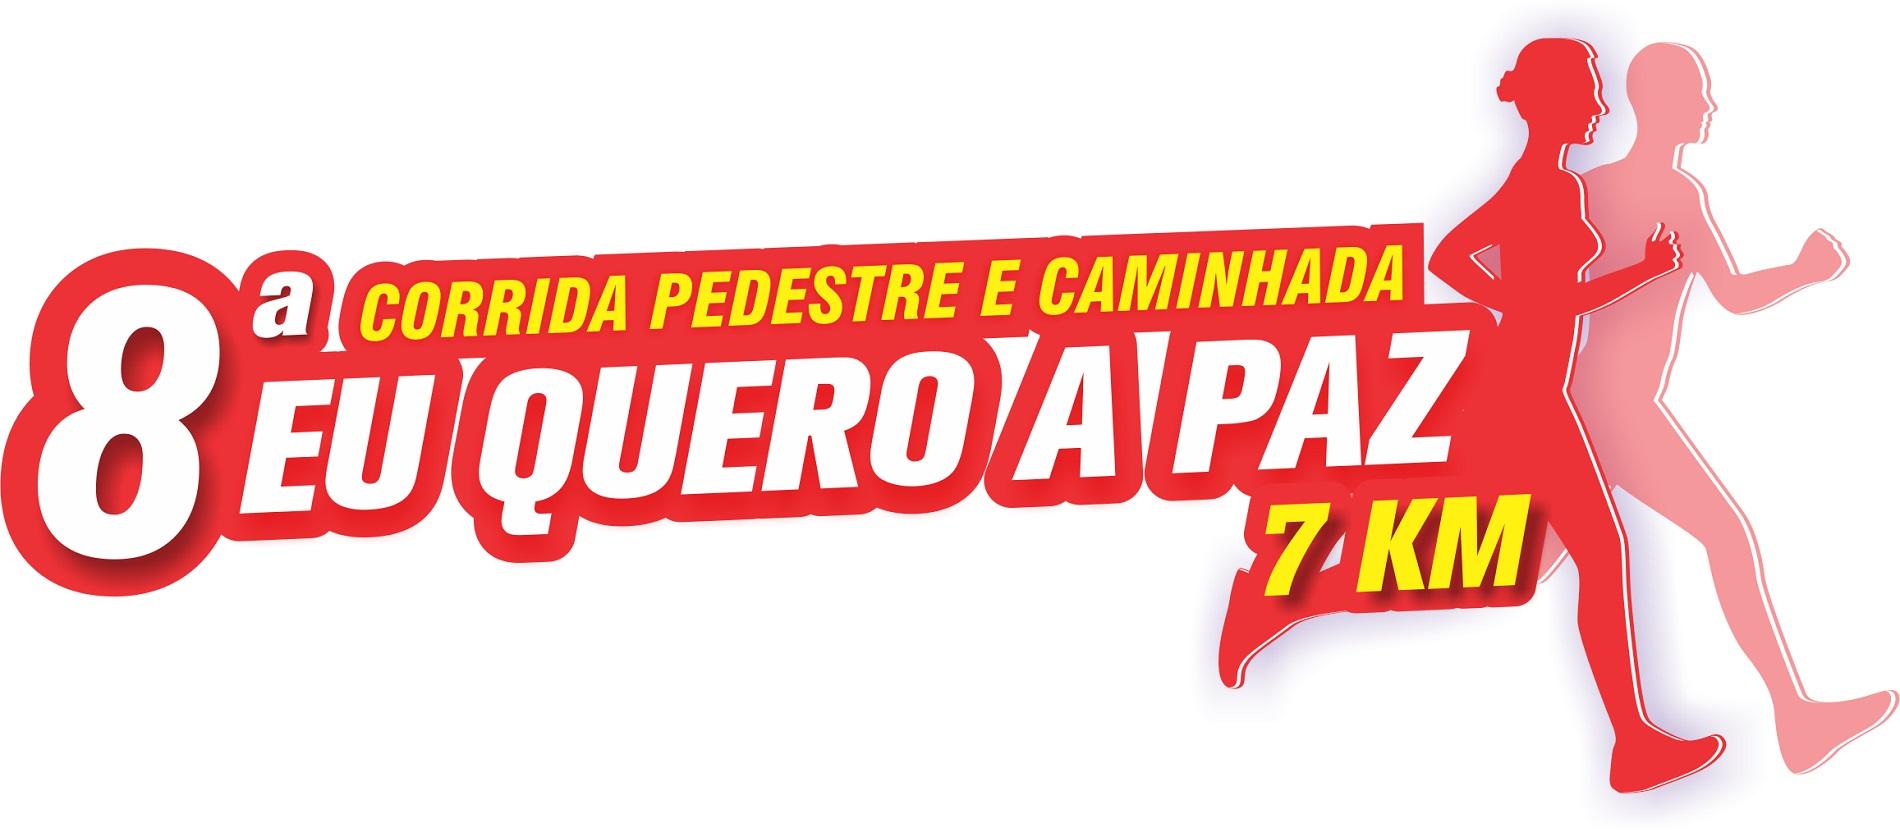 8ª CORRIDA EU QUERO A PAZ - Imagem de topo